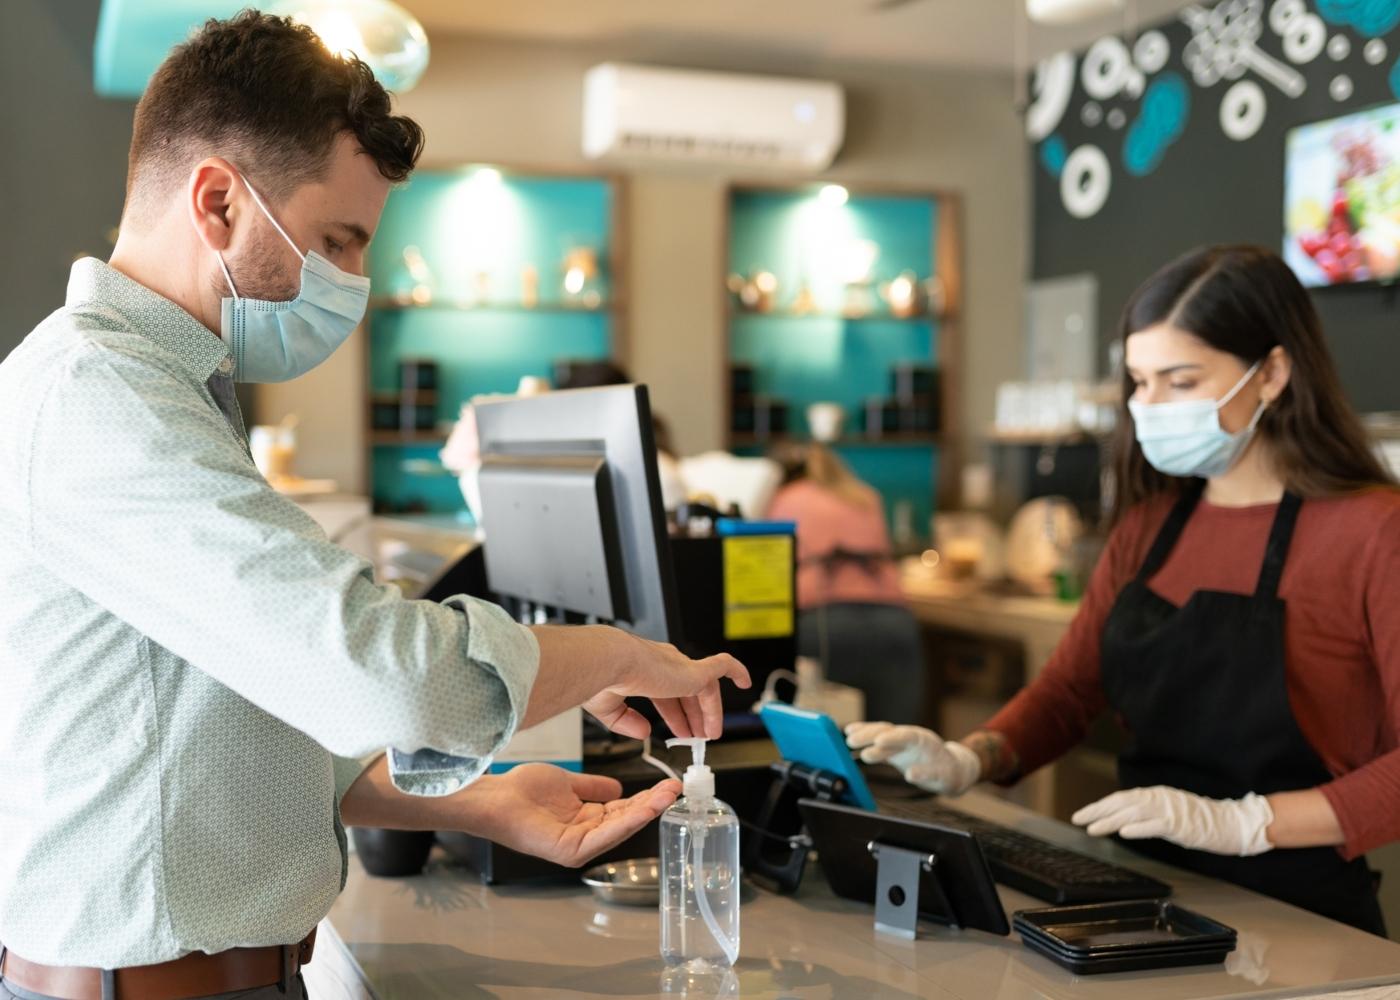 Homem a desinfetar as mãos depois de fazer pagamento em restaurante